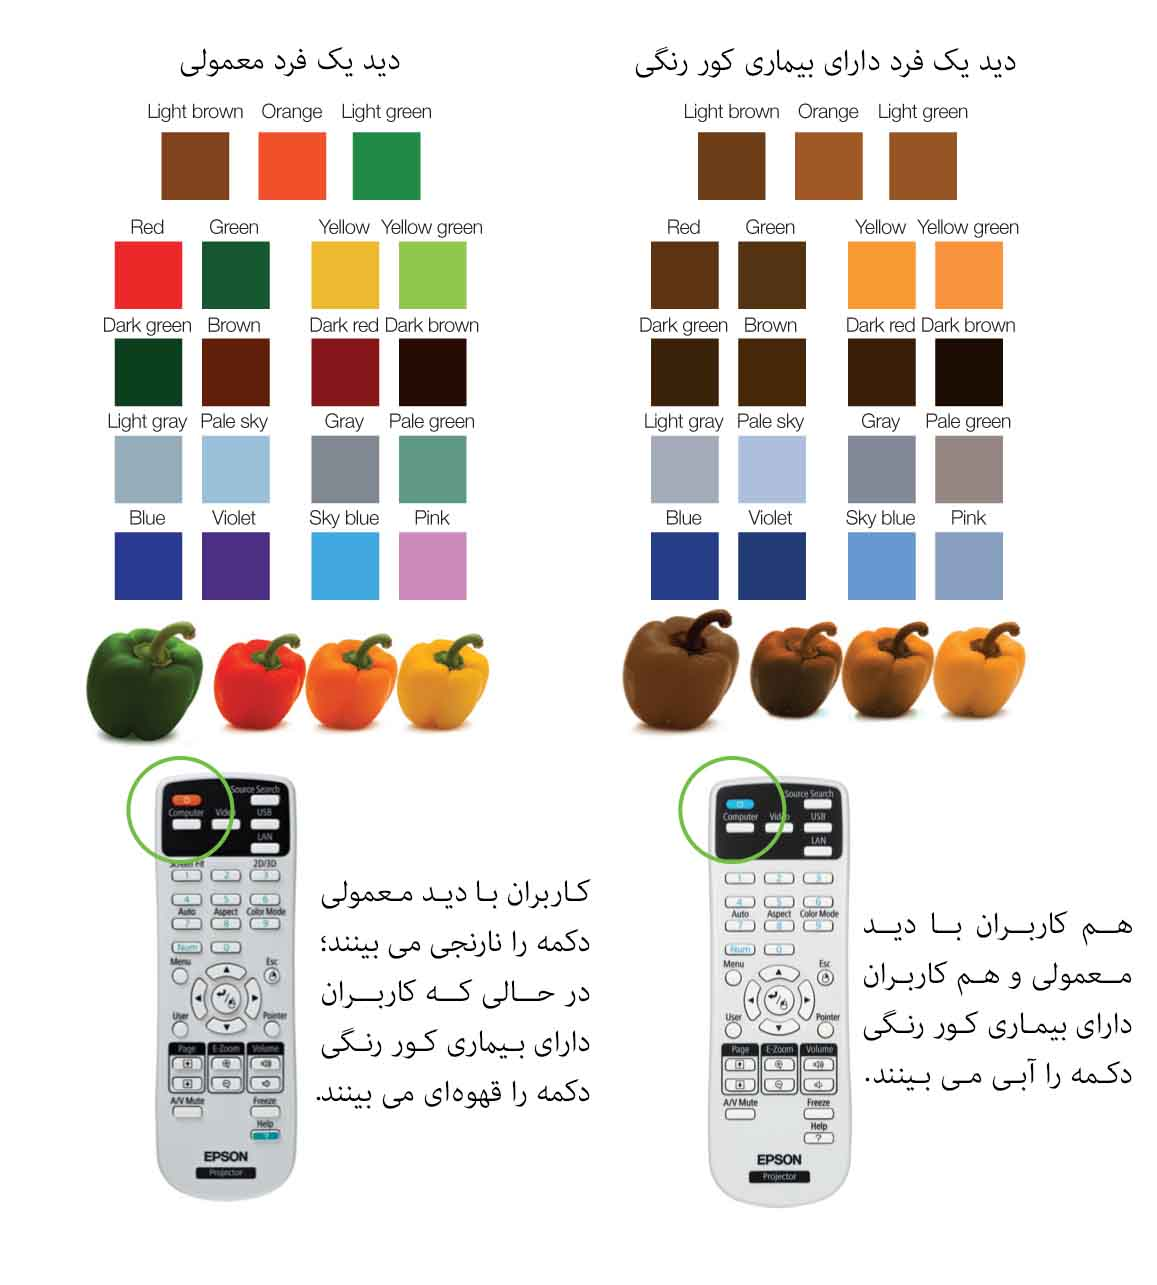 طراحی جهانی رنگ در پروژکتور EB-S18